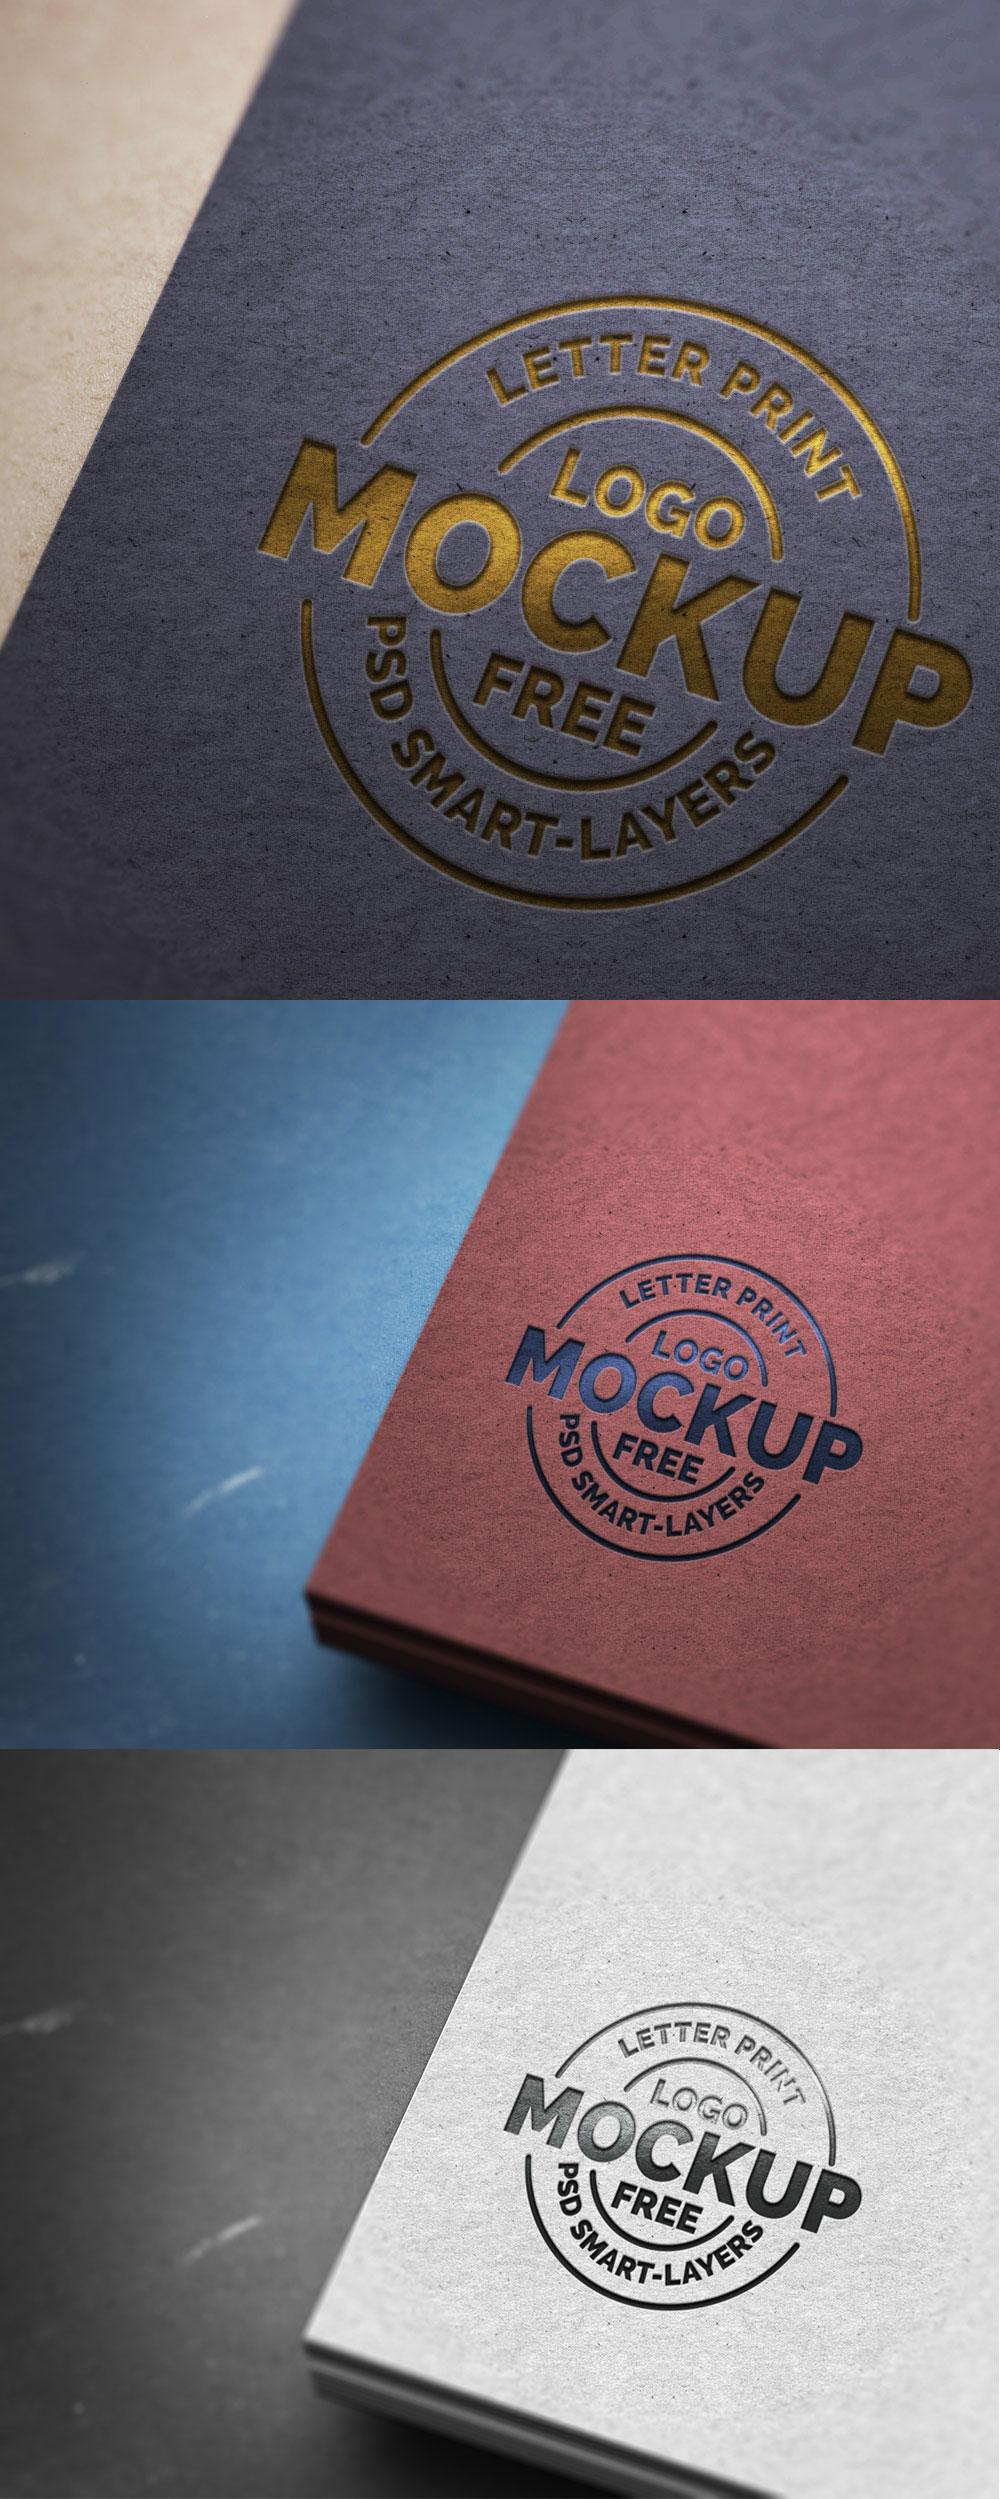 letter-print-logo-mockup-psd-full-view